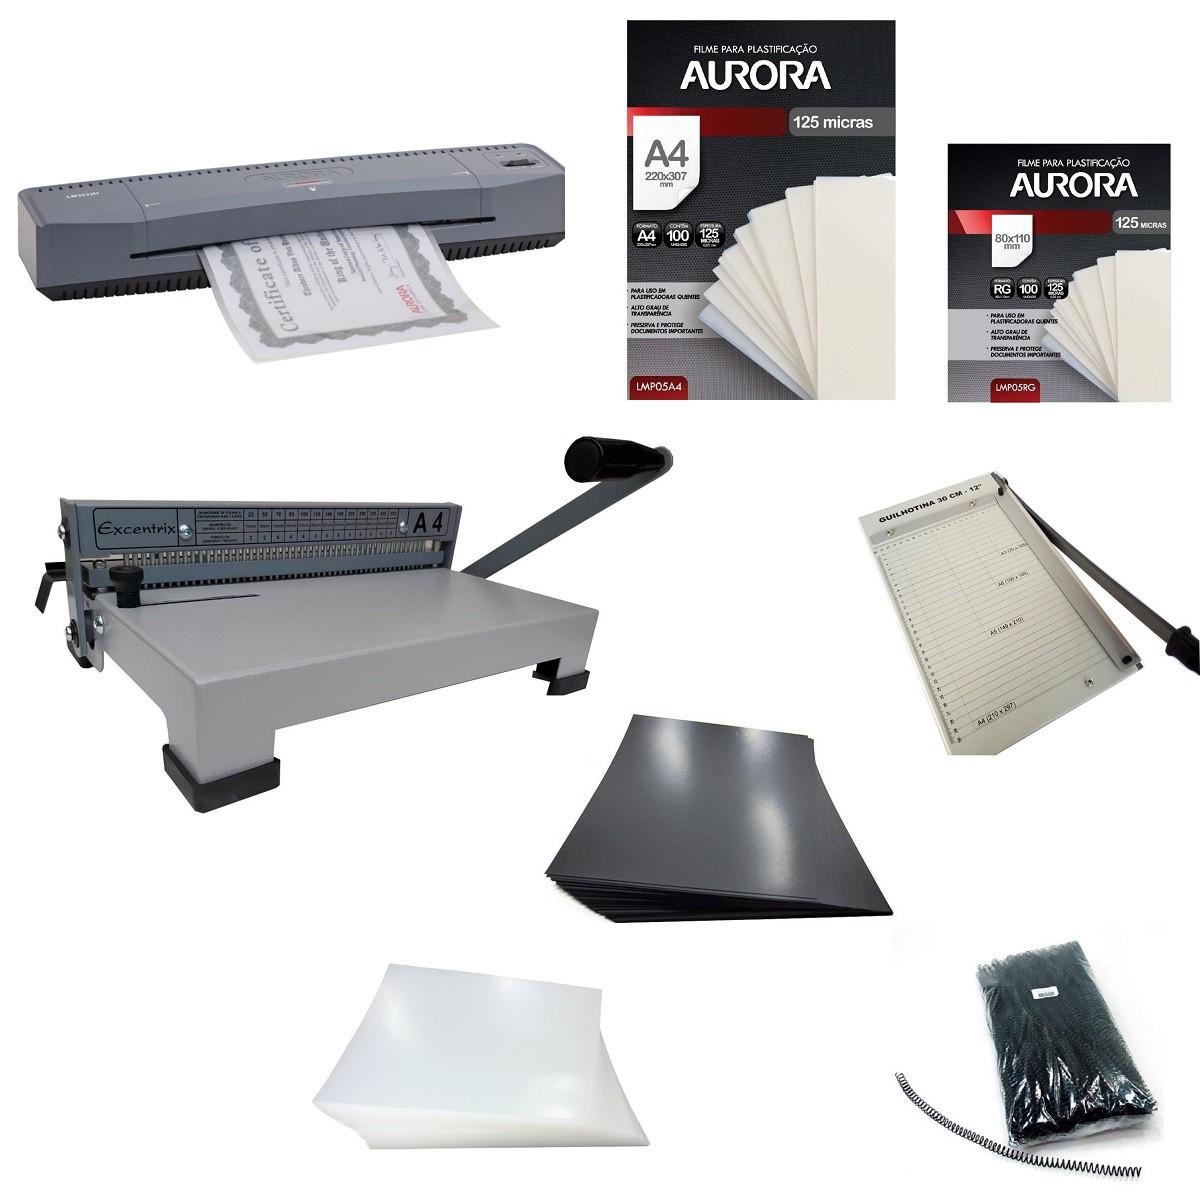 Kit Encadernadora e Guilhotina A4 + Plastificadora A3 Aurora 110v  - Click Suprimentos